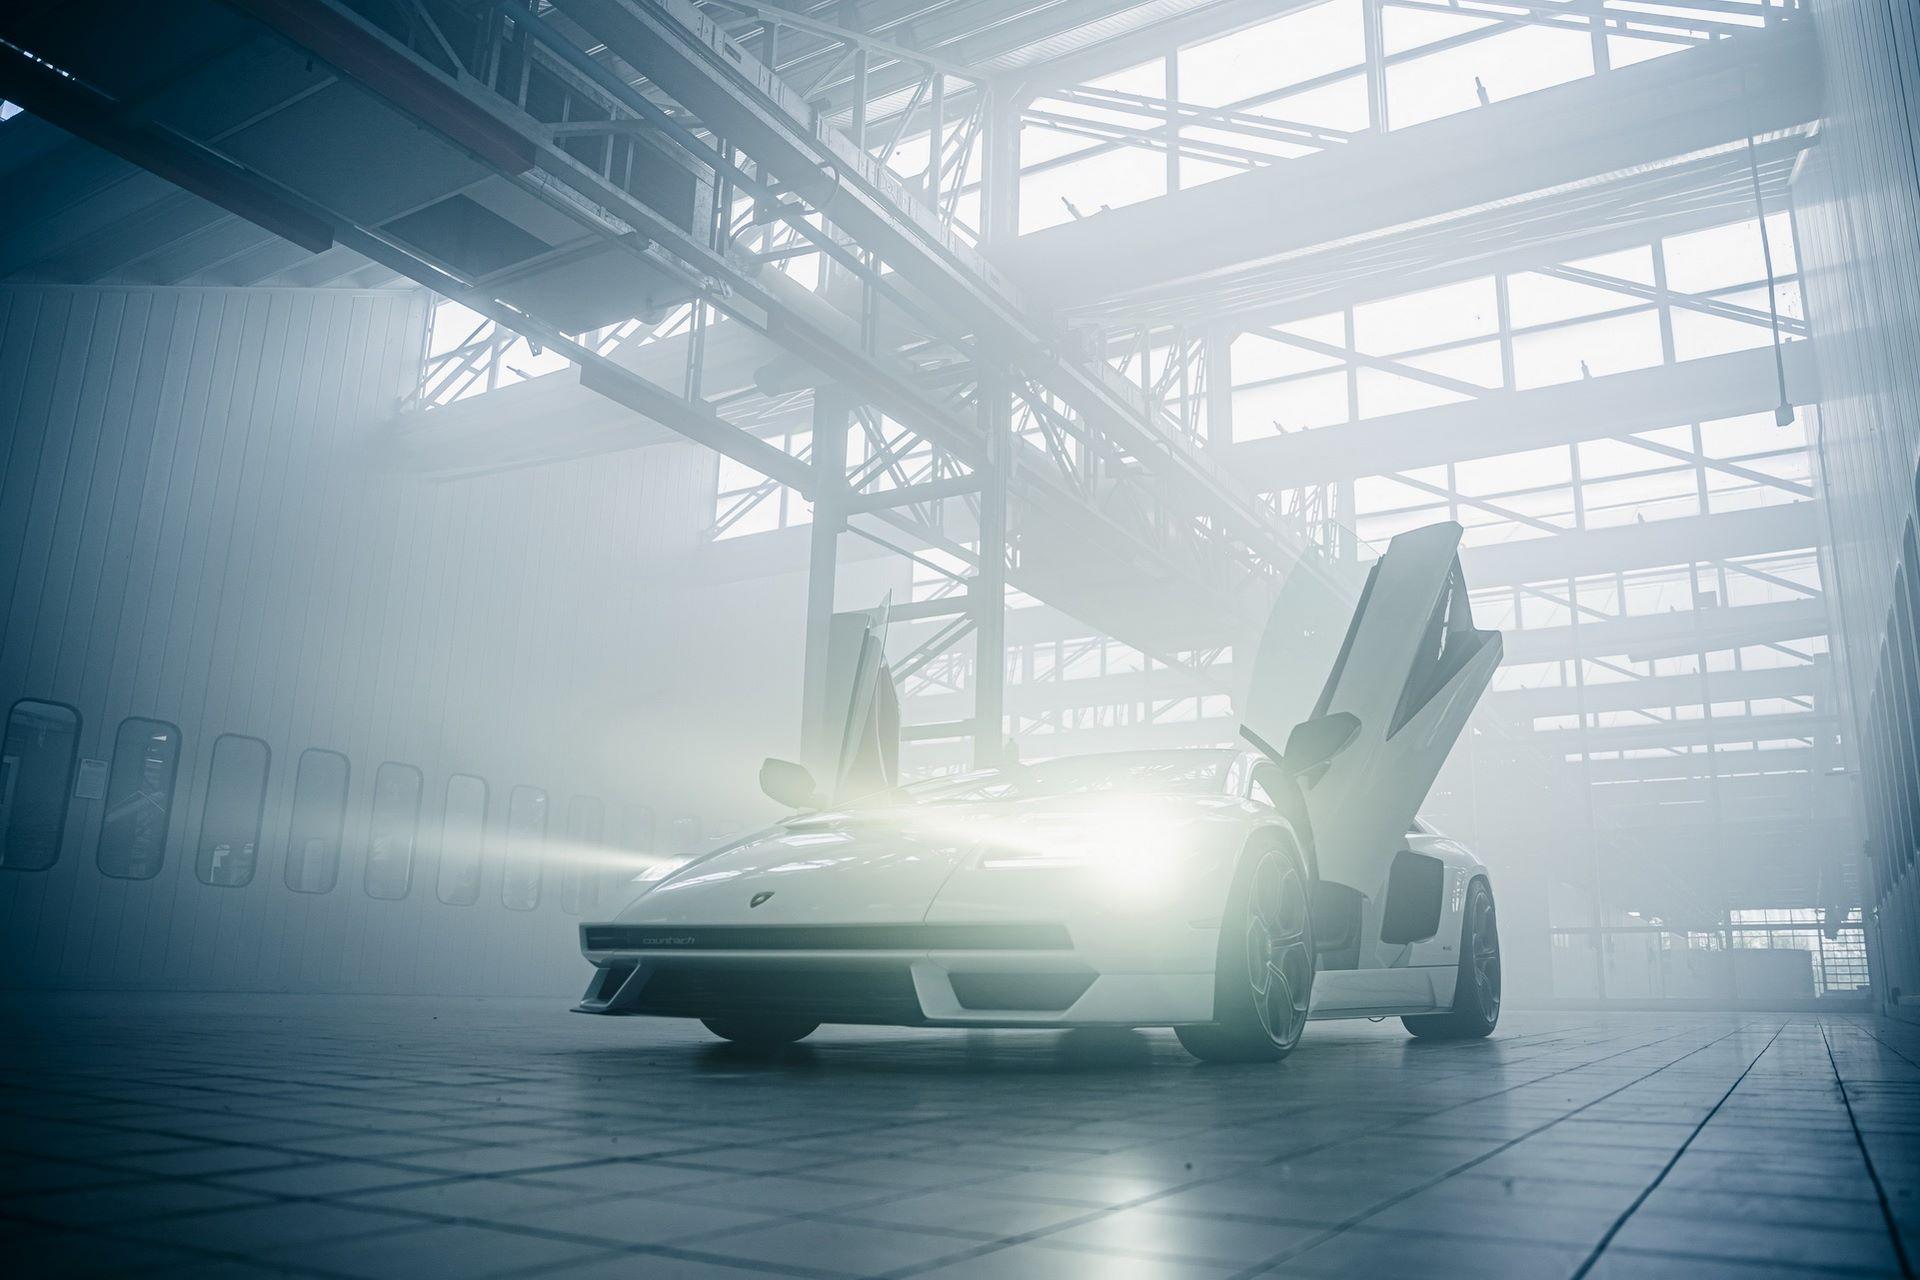 Lamborghini-Countach-LPI-800-4-54